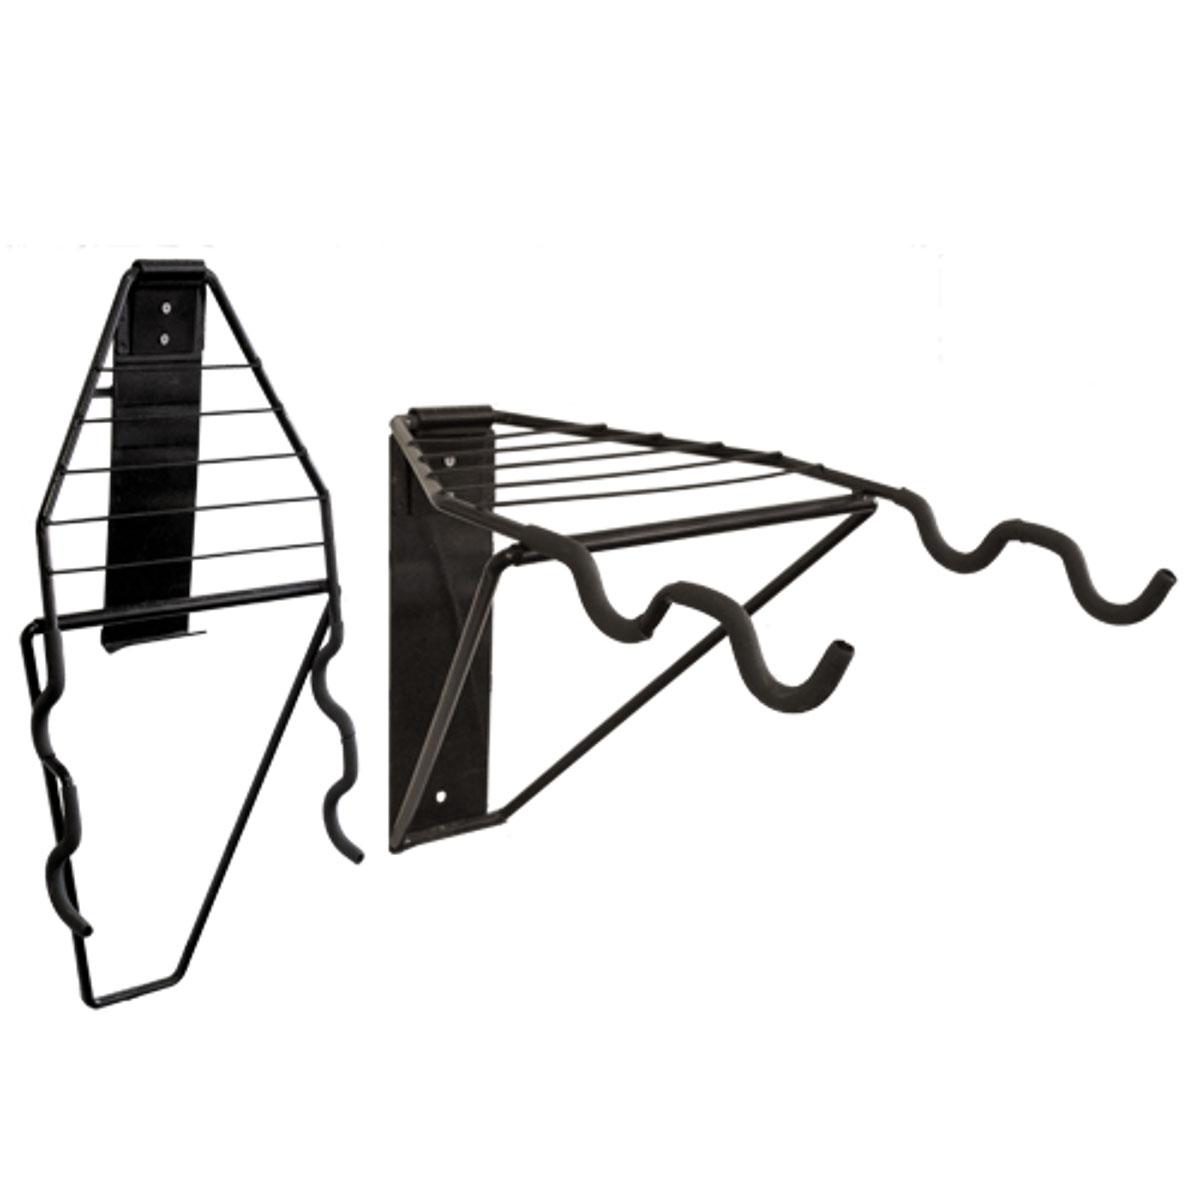 Подвесная система для 2-х велосипедов МастерПроф, горизонтальное хранениеАС.050009Отличная система для горизонтального хранения 2-х велосипедов с решёткой для хранения шлемов, перчаток, обуви и пр.Система складывается, когда не используется.